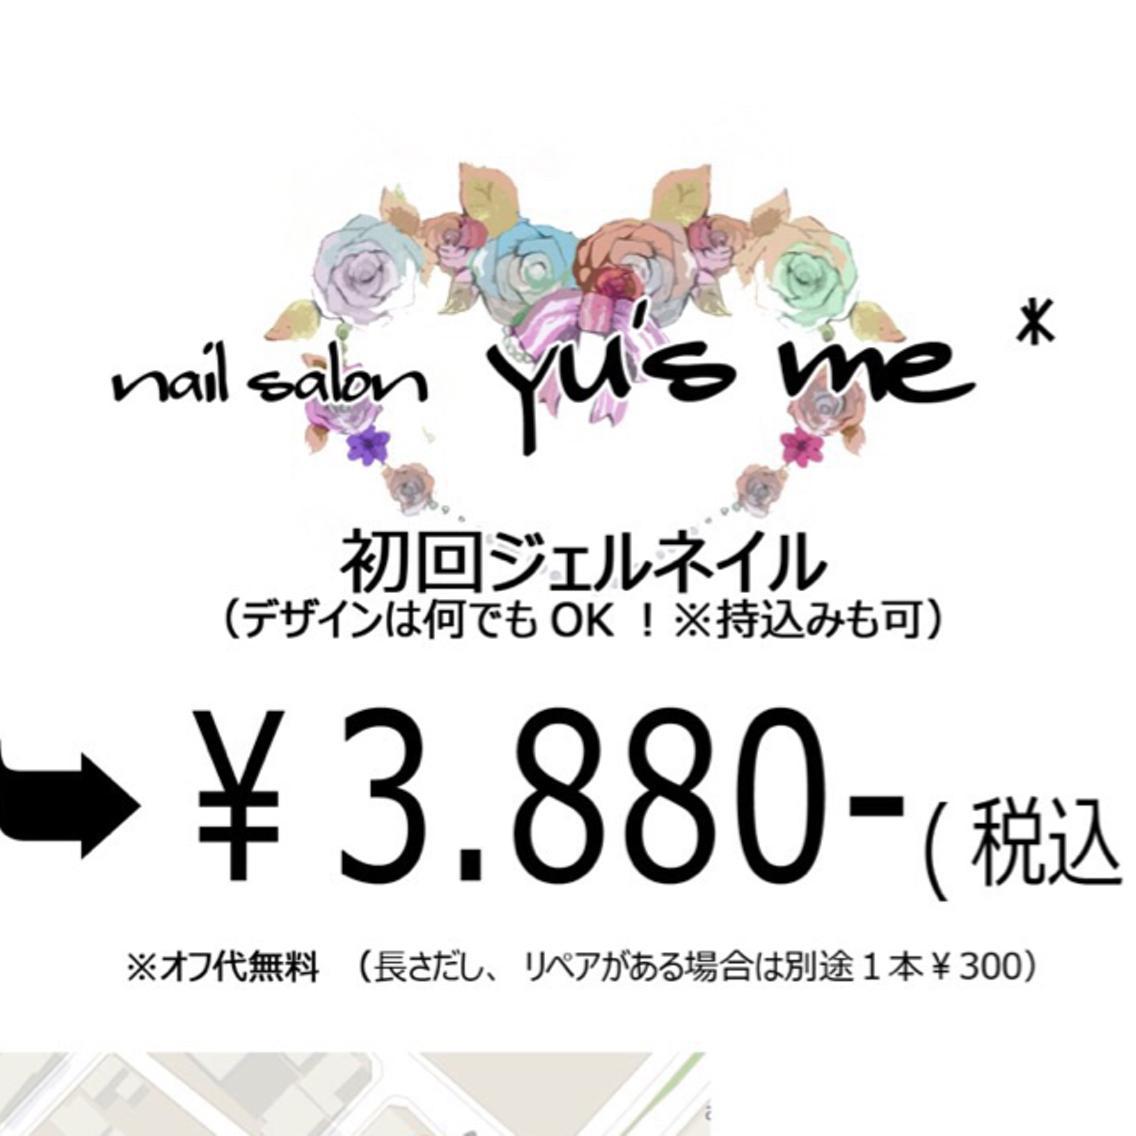 初回限定♡10本アートコース¥9,720→¥3,880